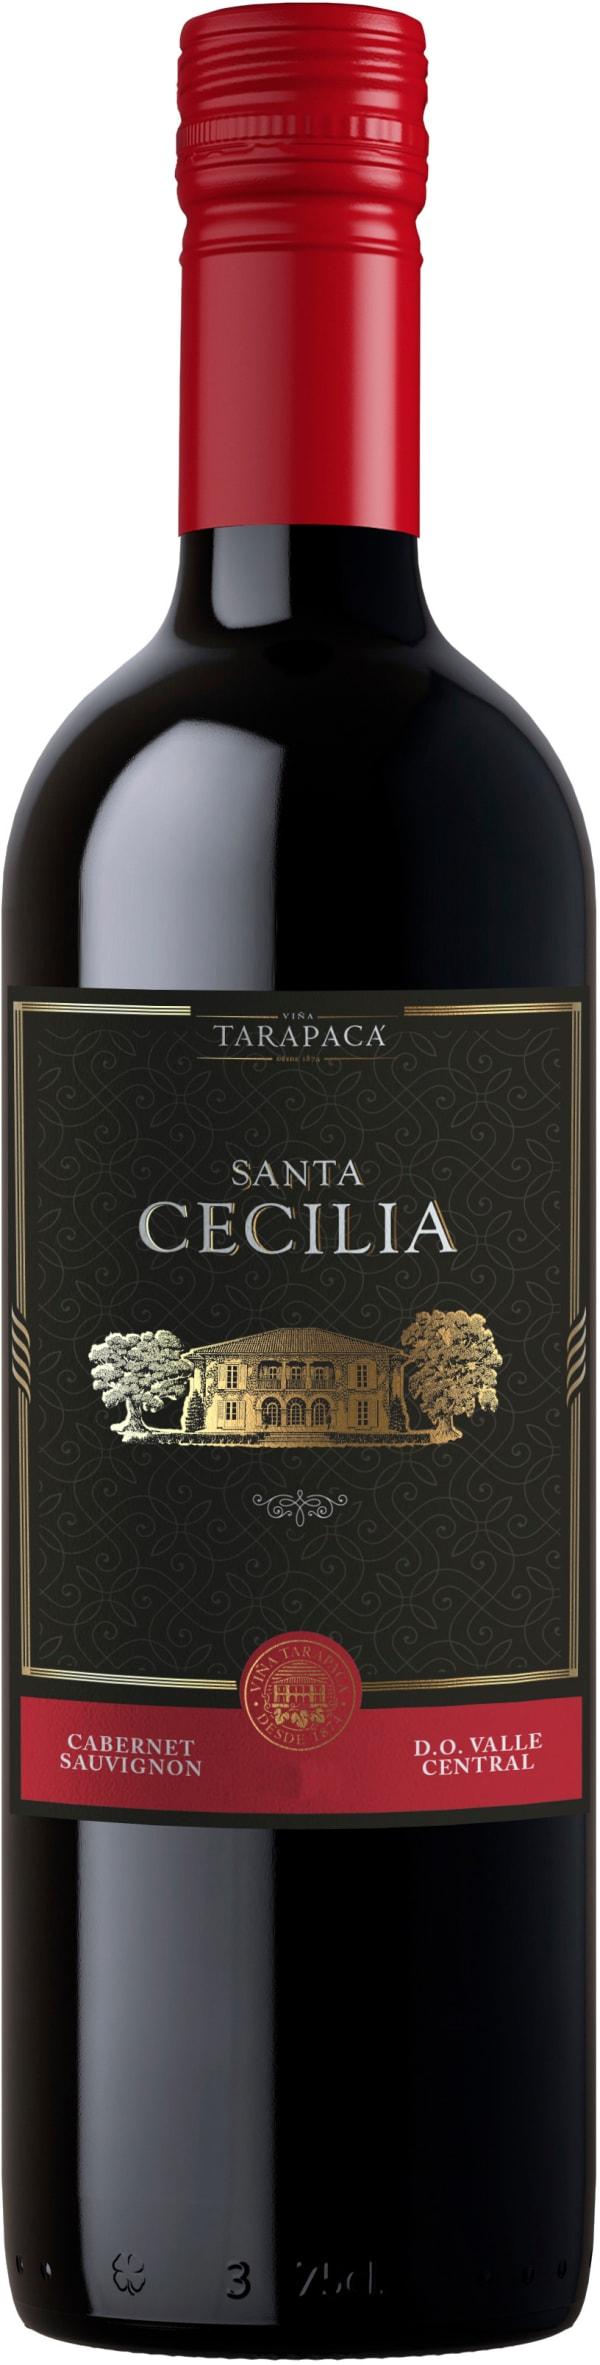 Tarapacá Santa Cecilia Cabernet Sauvignon 2019